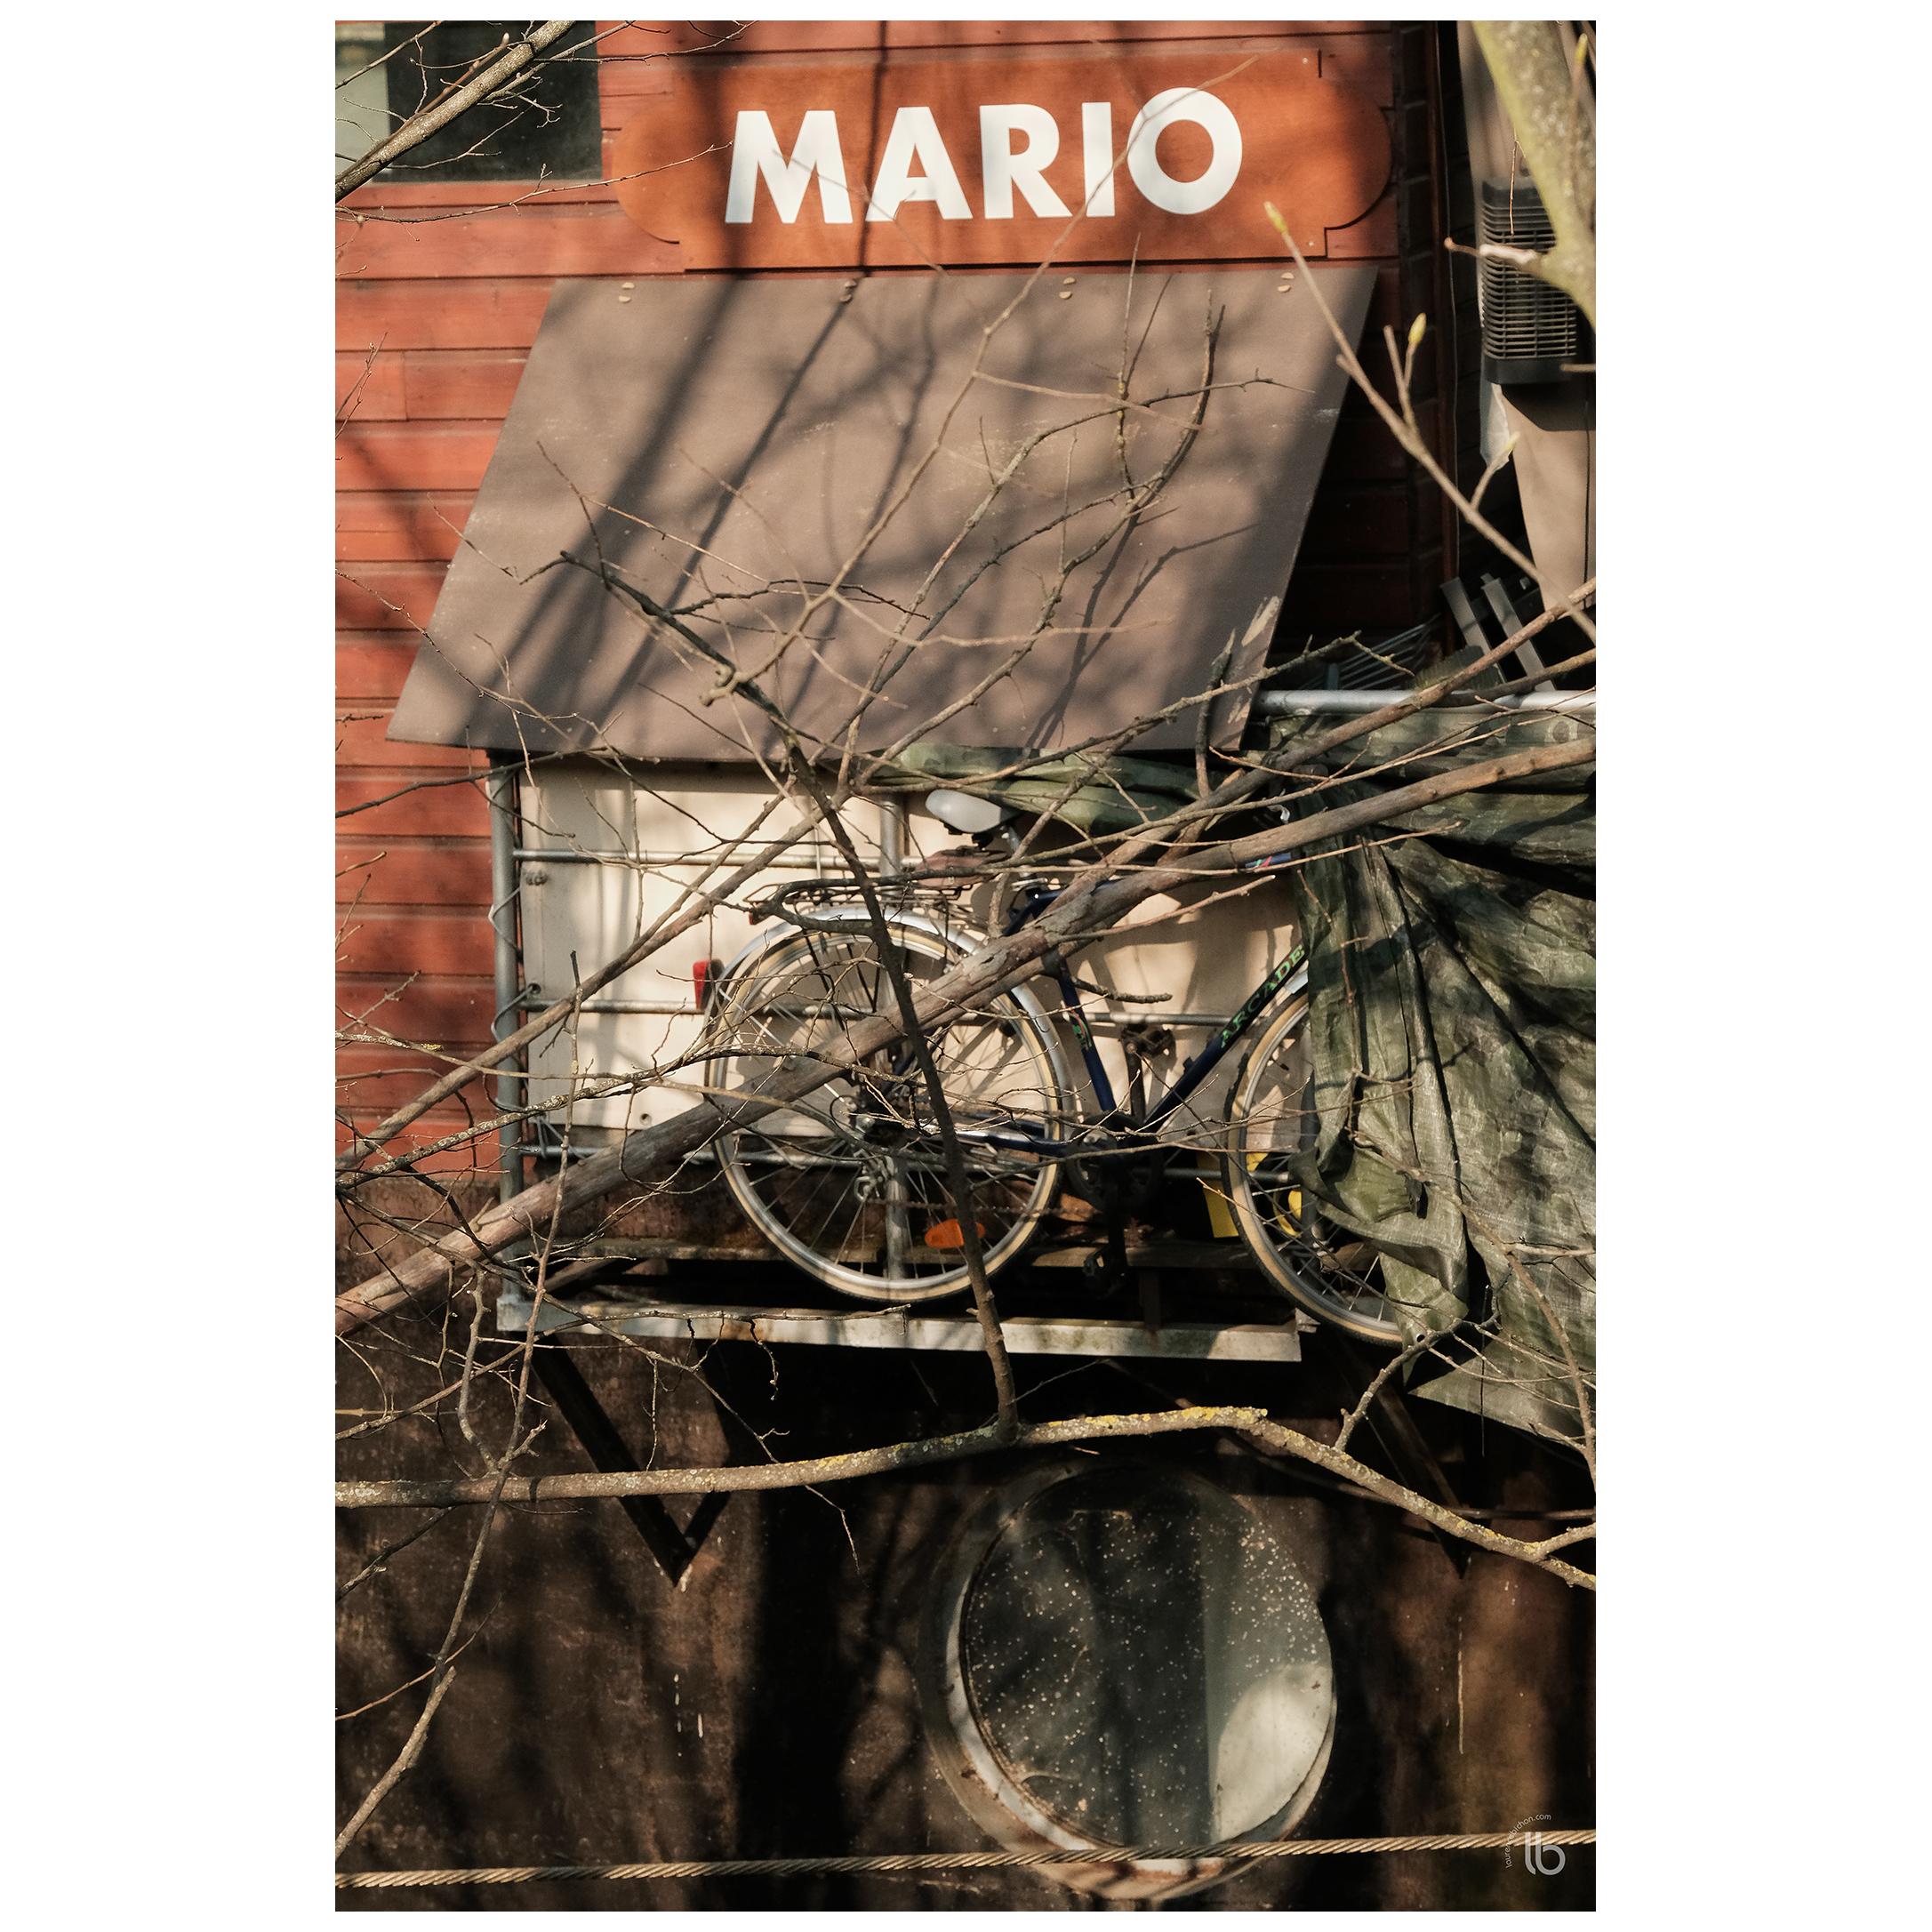 La péniche Mario - 20190401 - by laurence bichon photographe meudon